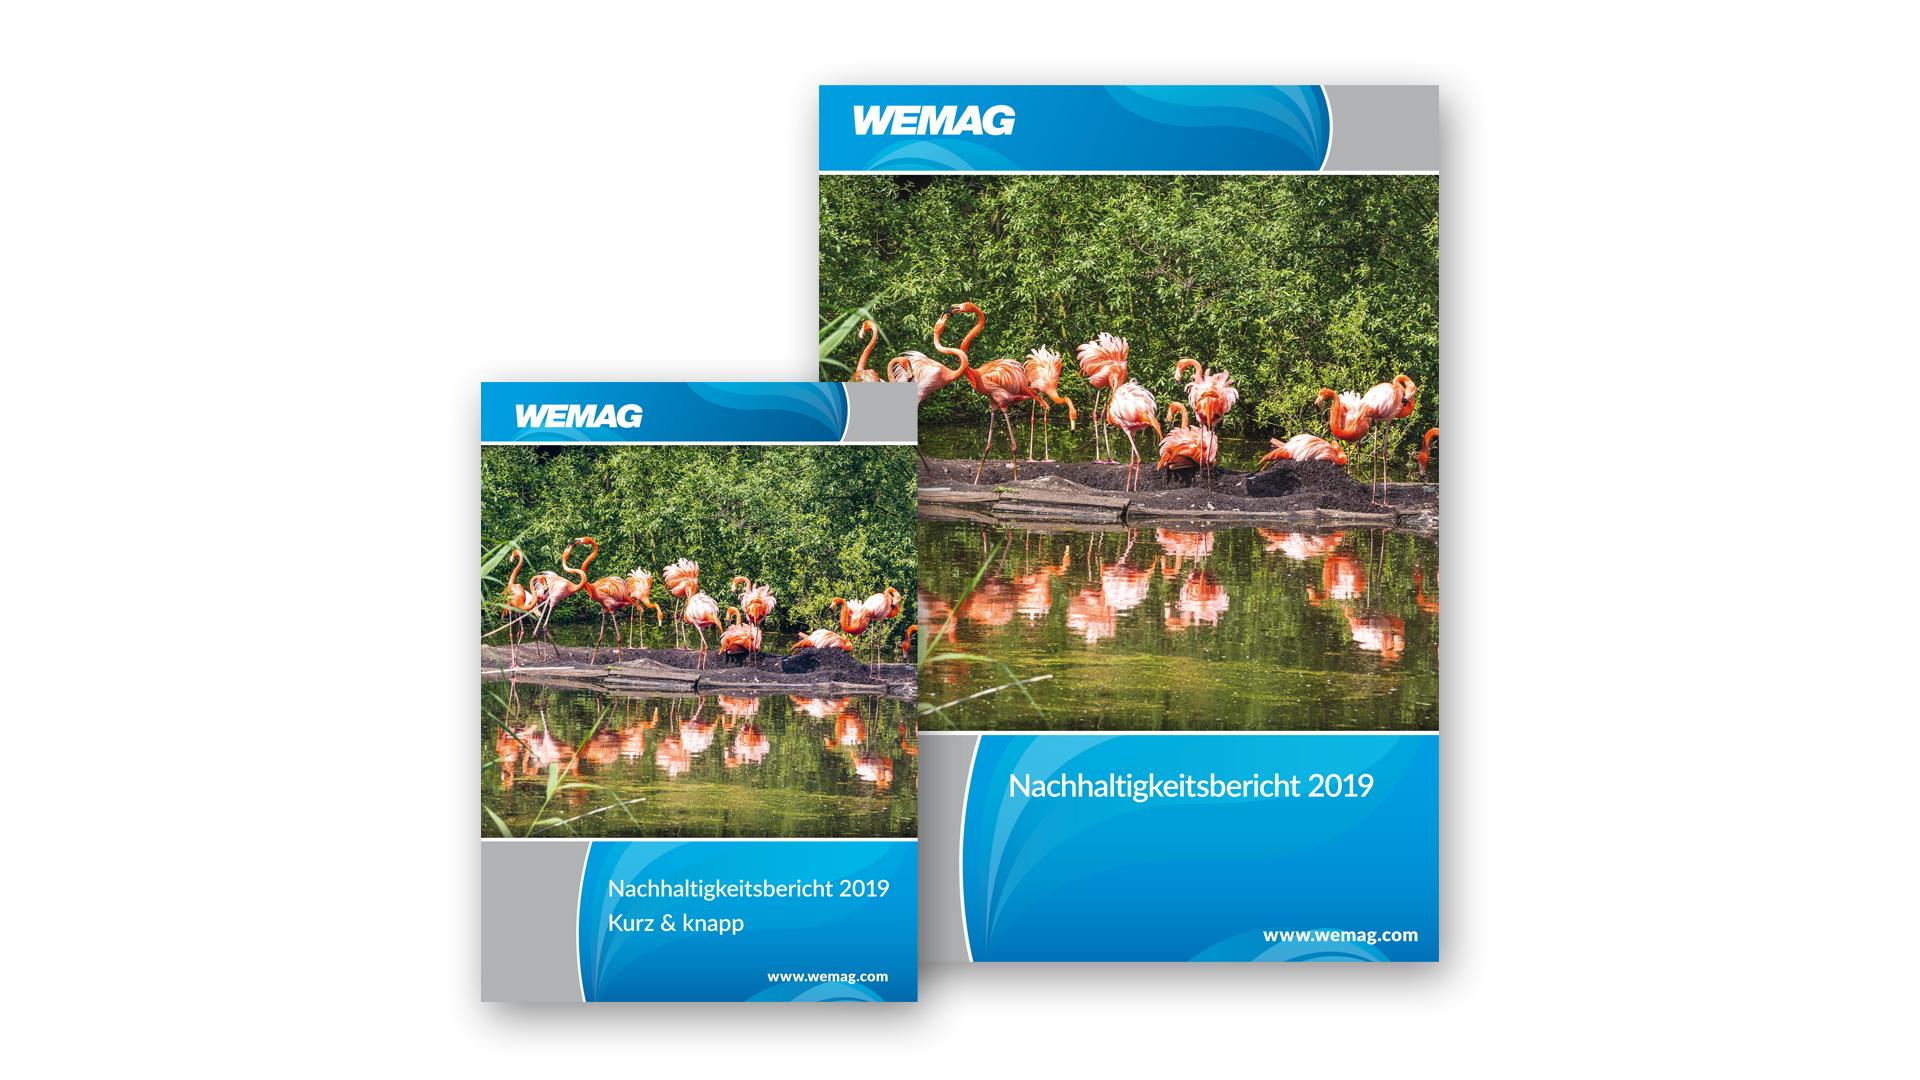 Titel des Nachhaltigkeitsberichts 2019 und des Kurzberichts der WEMAG AG